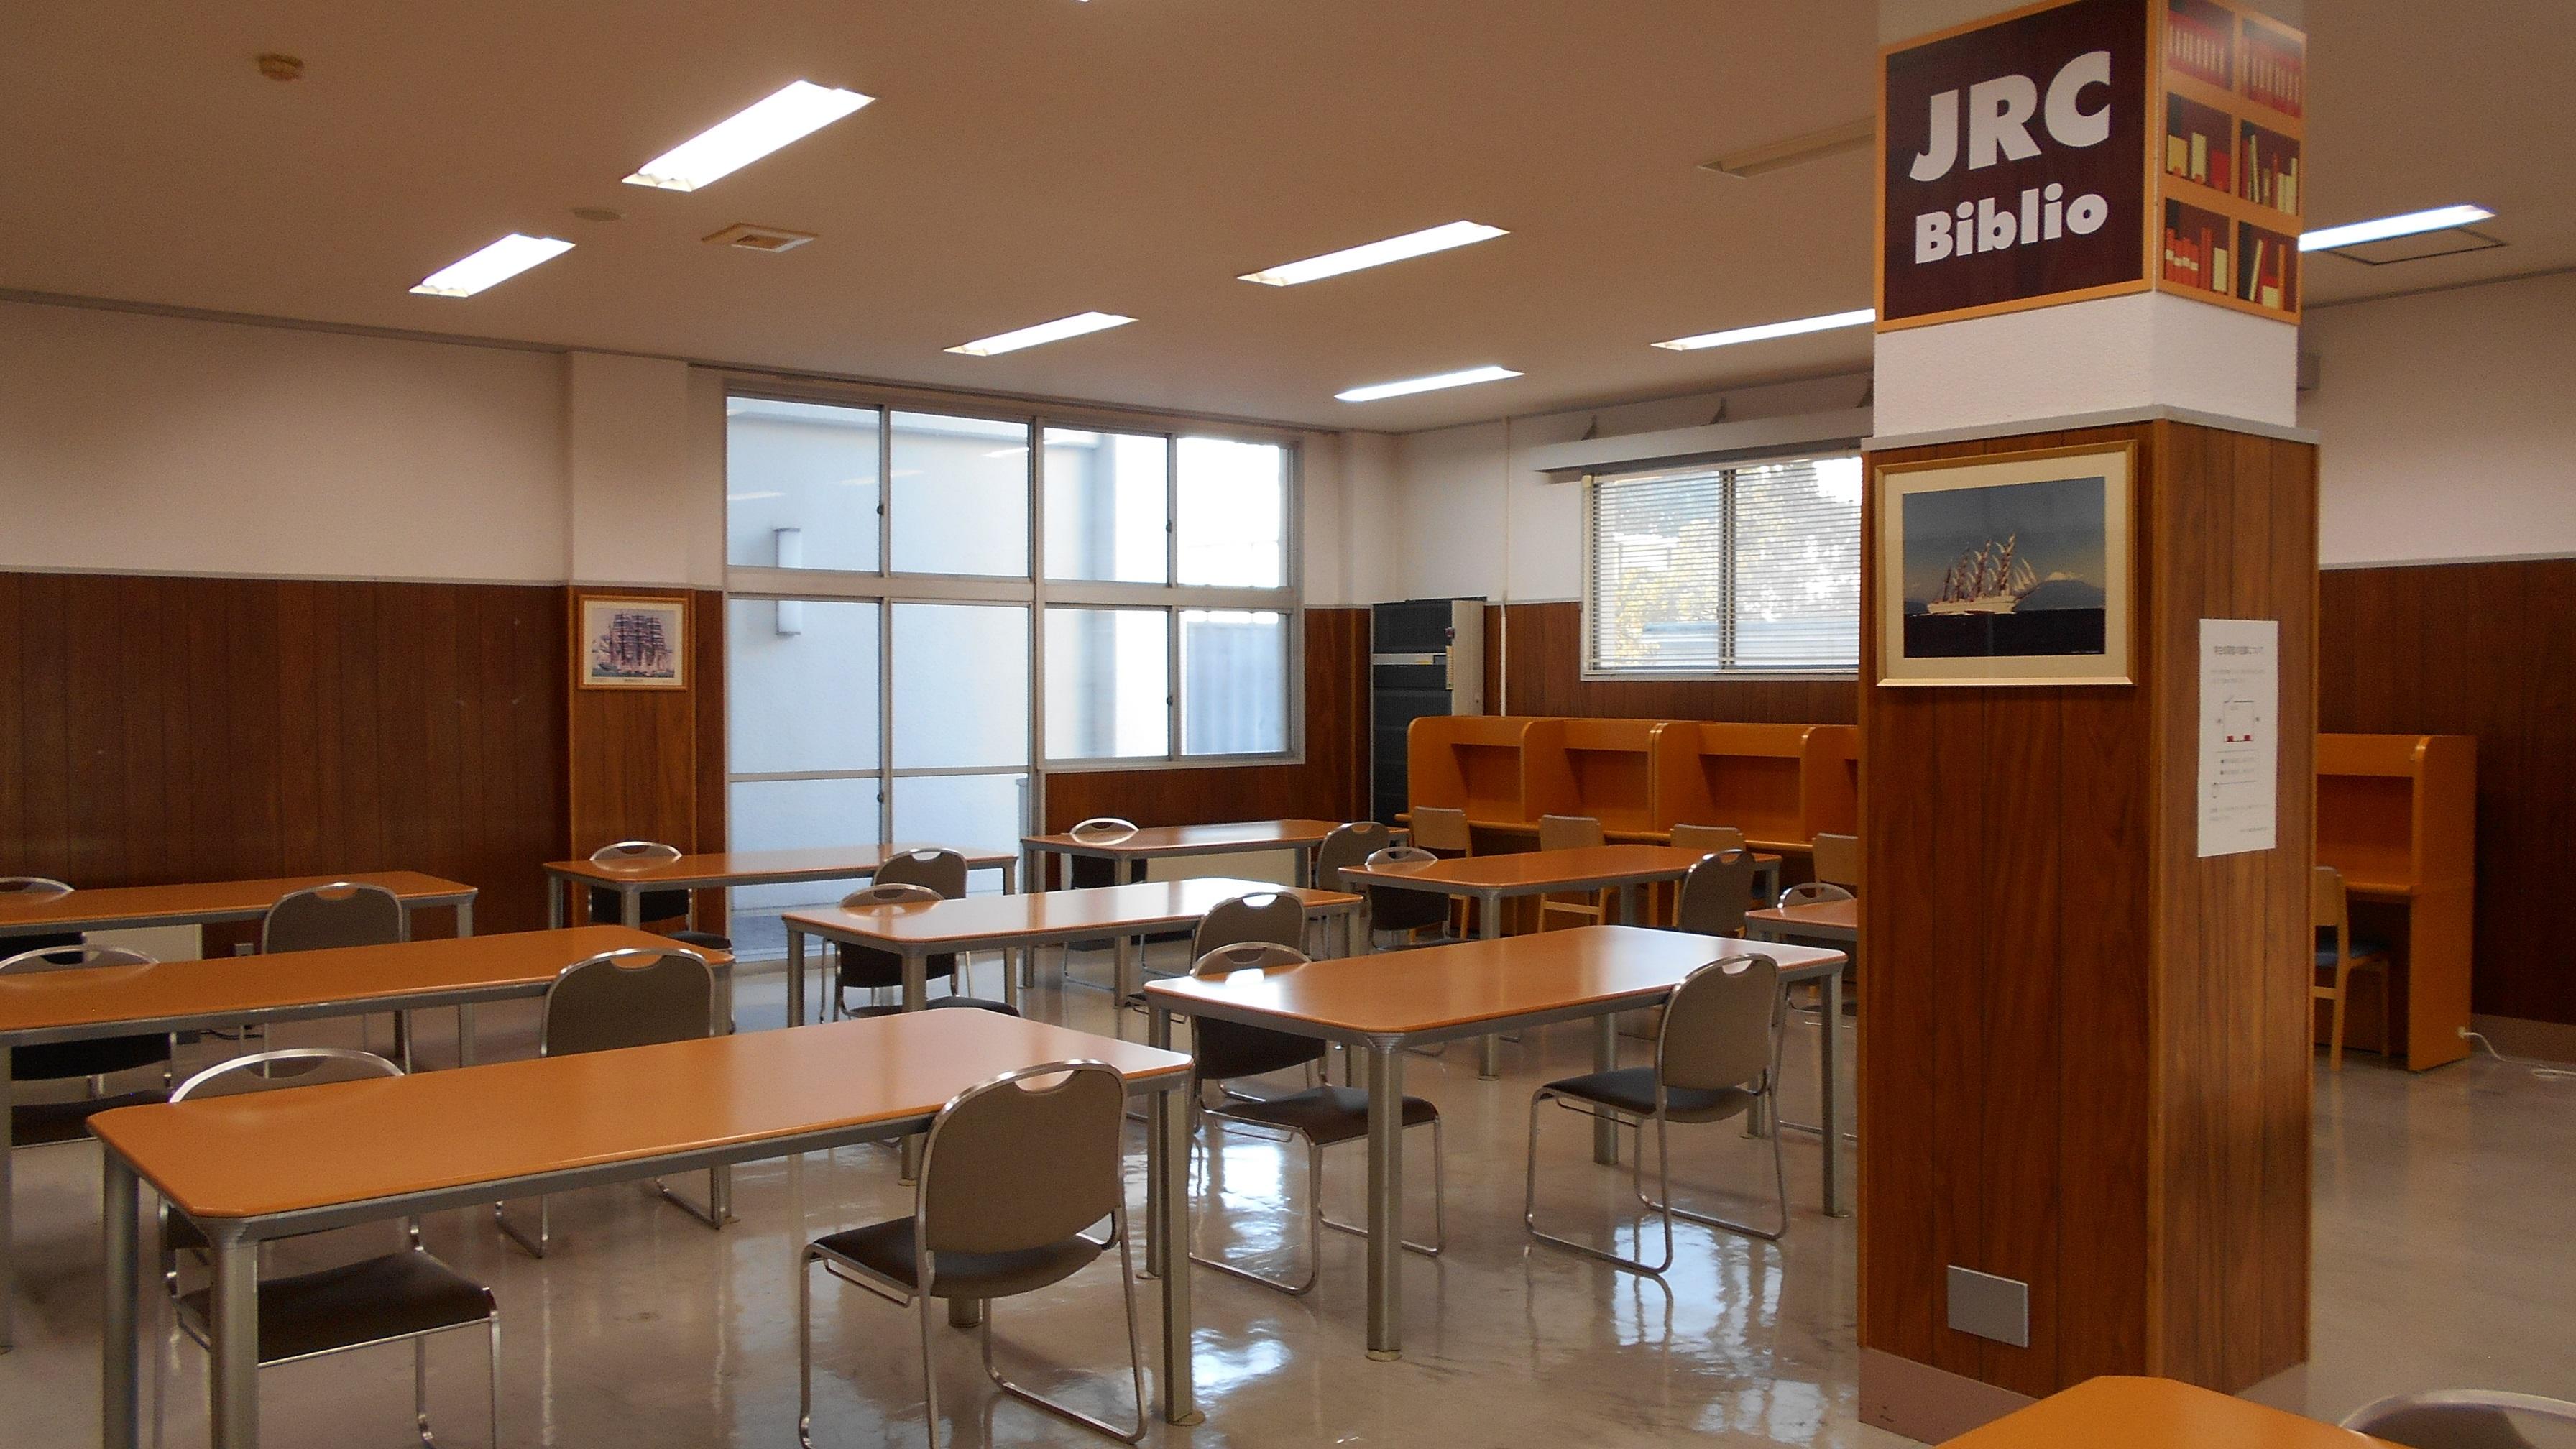 海事科学分館学生自習室